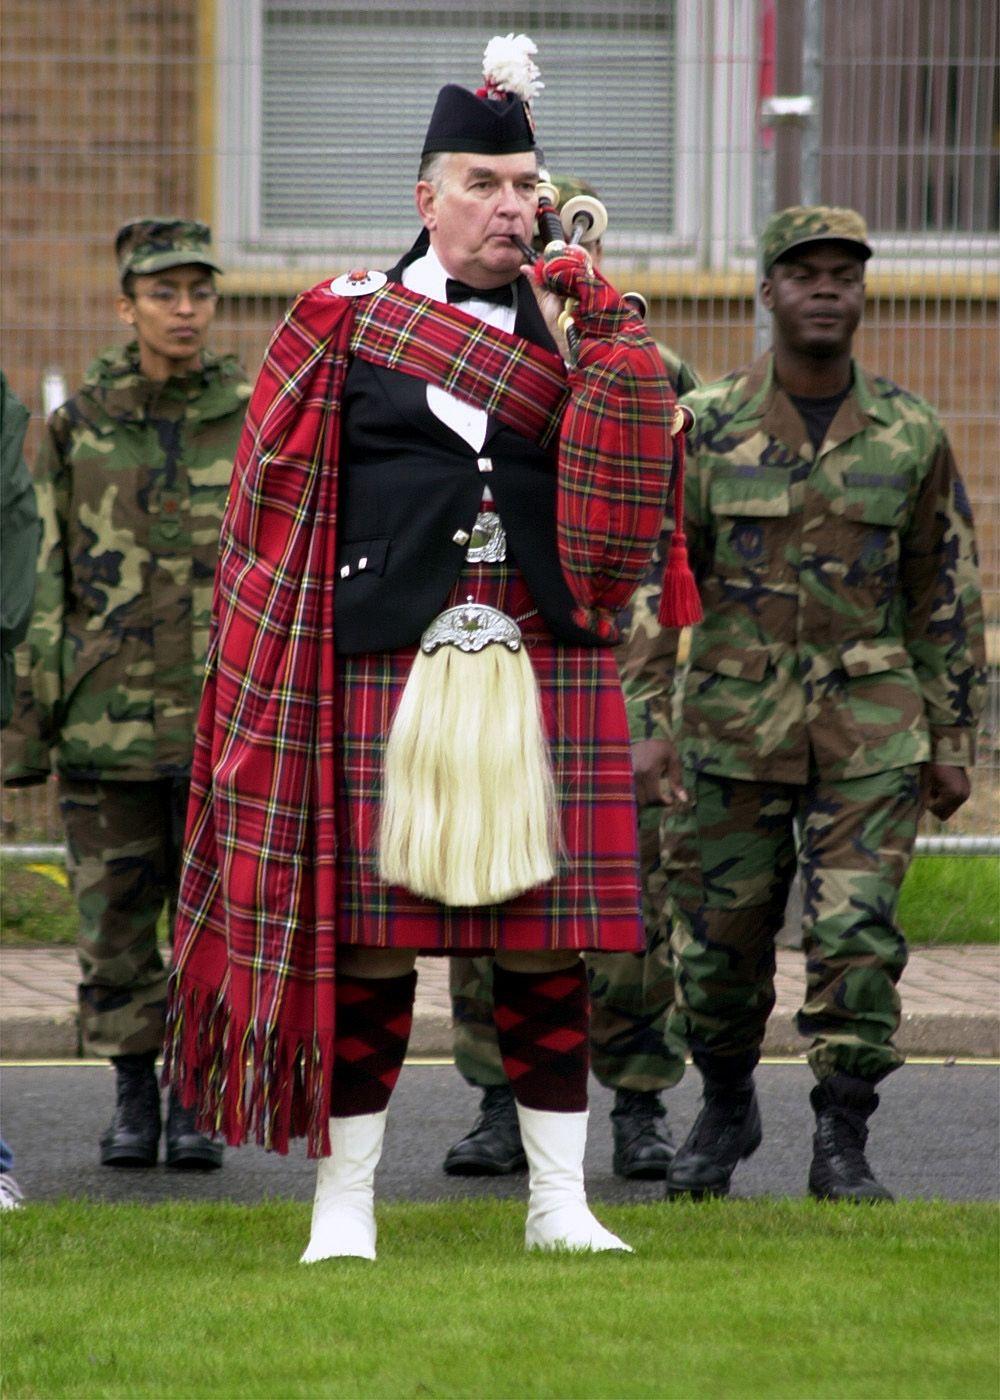 bagpiper RAF Men in kilts, Irish kilt, Kilt